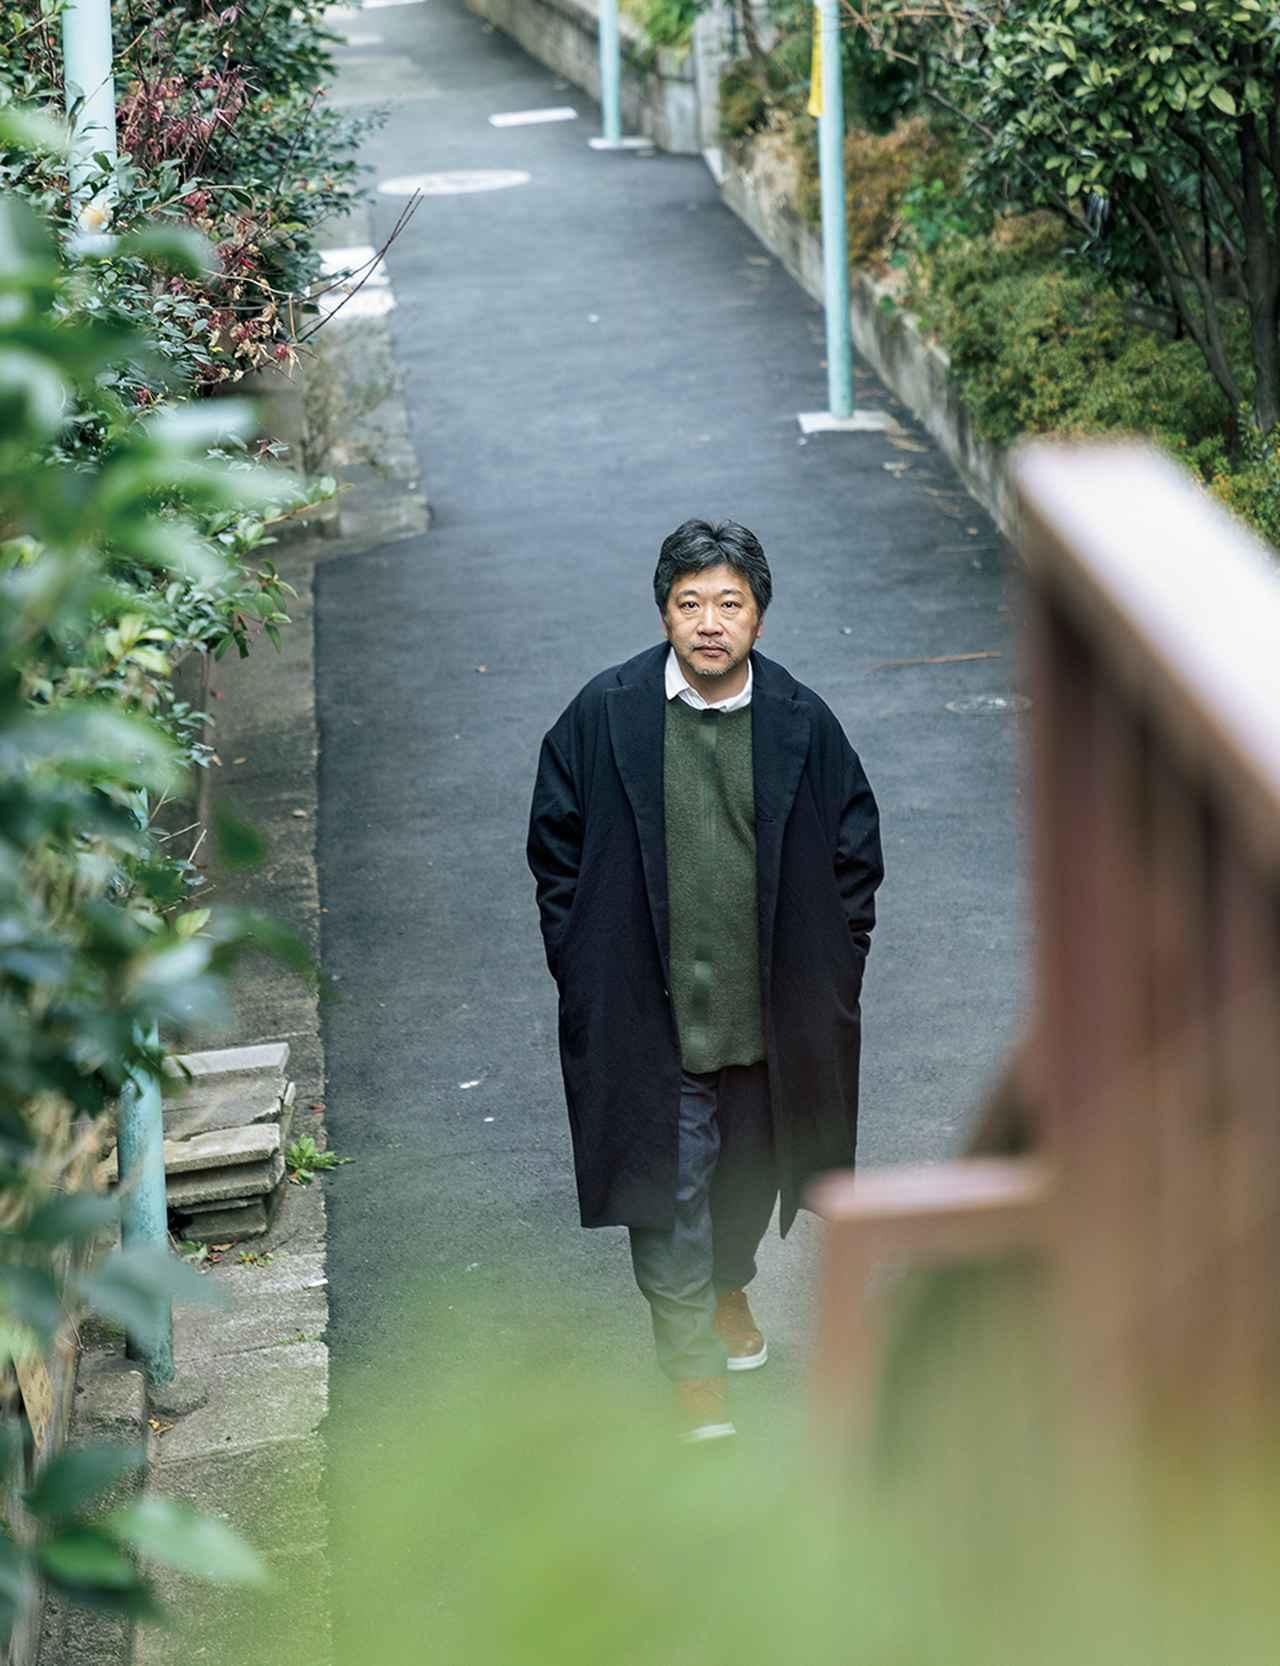 Images : 映画監督 是枝裕和(これえだ ひろかず)